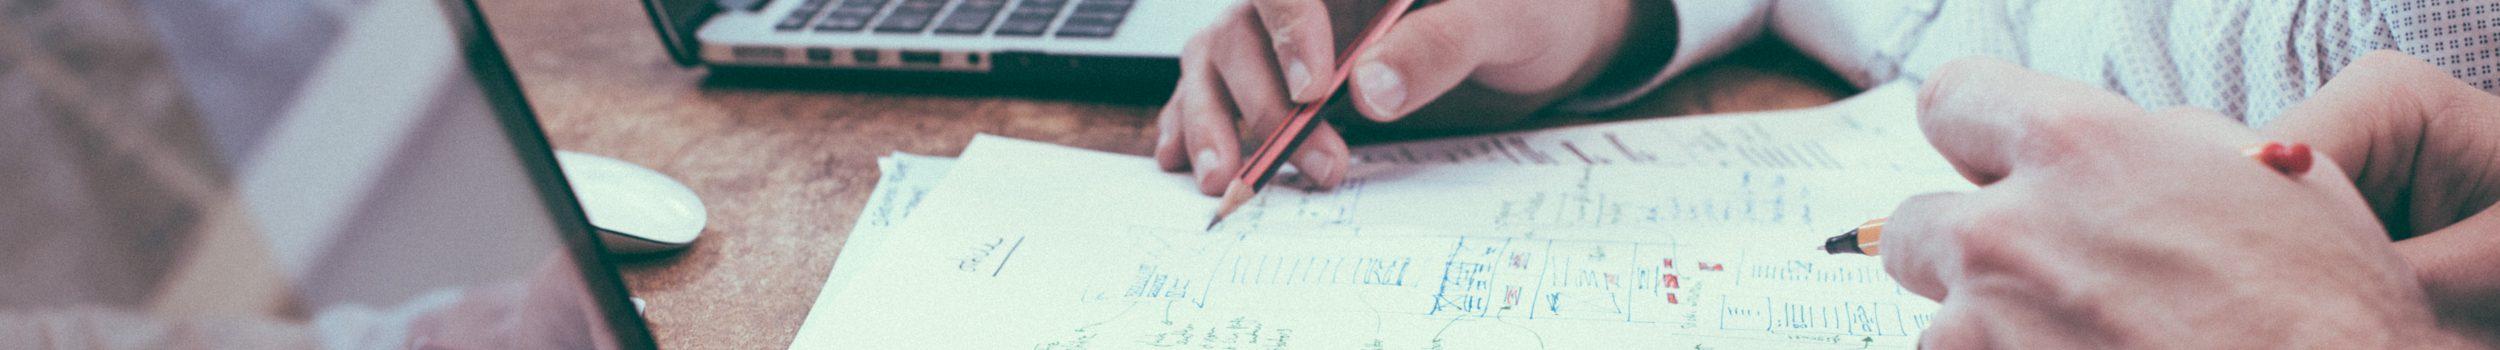 Thành lập công ty nhanh cho công ty khởi nghiệp tại Việt nam